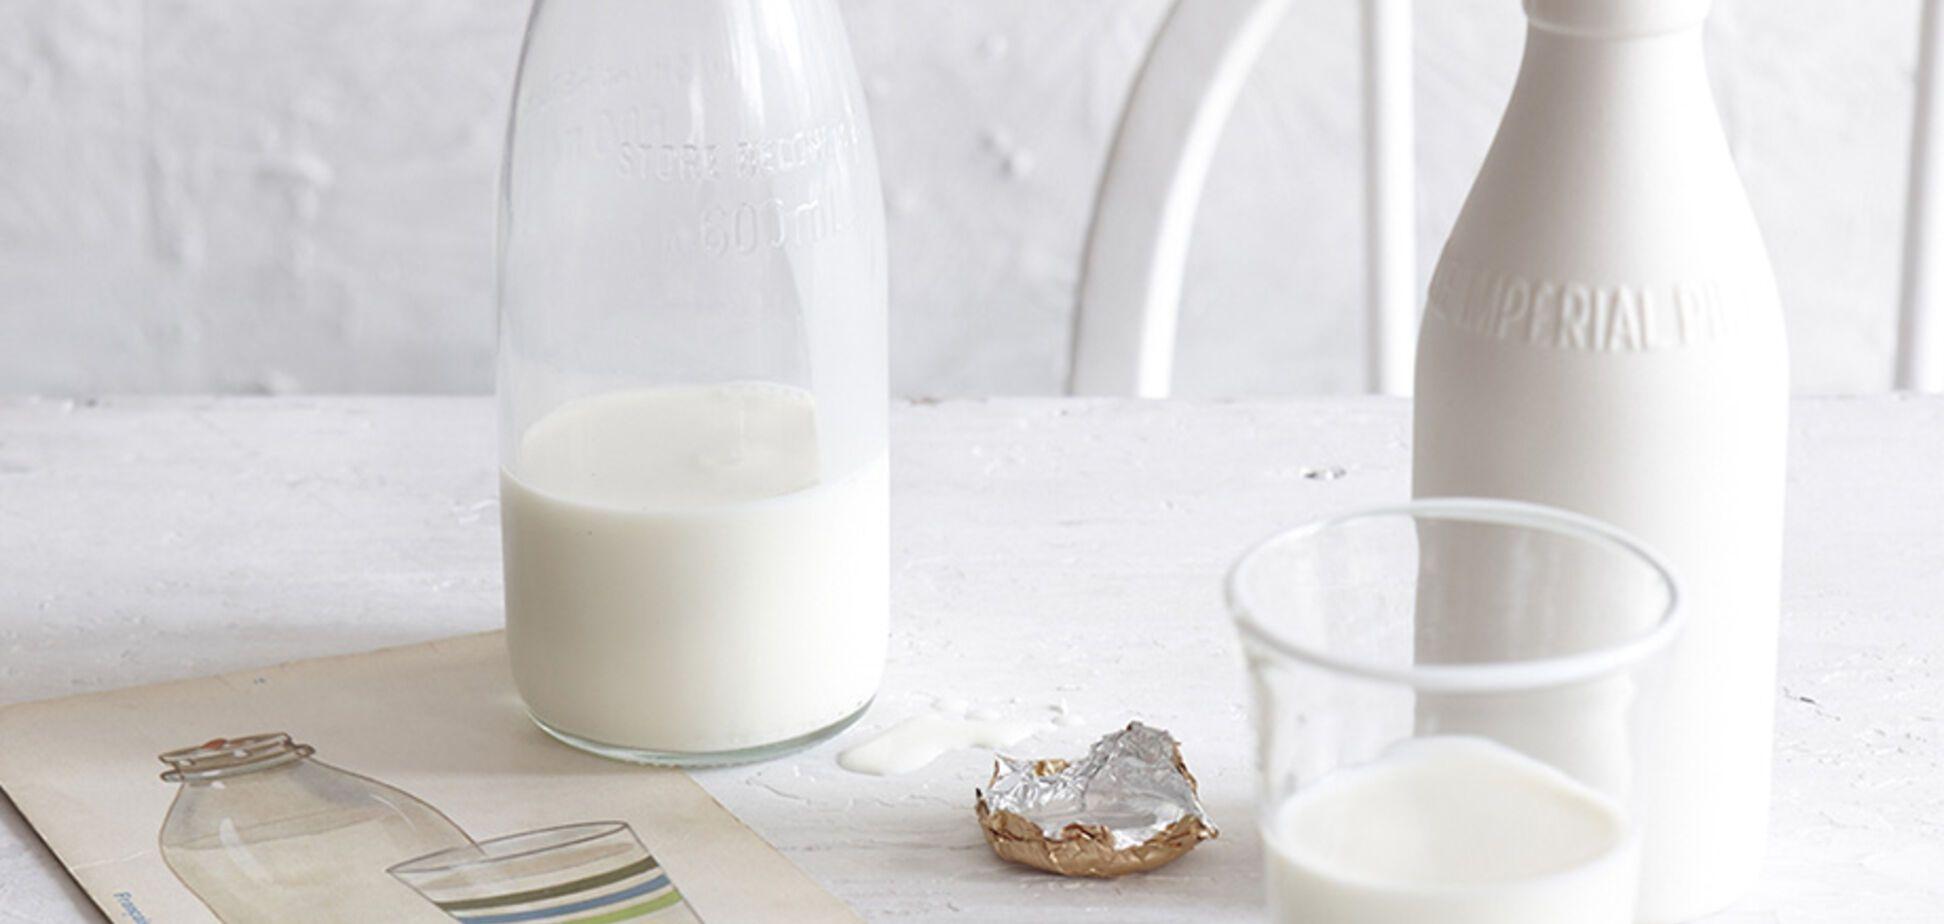 Едят все: названы продукты, провоцирующие рак